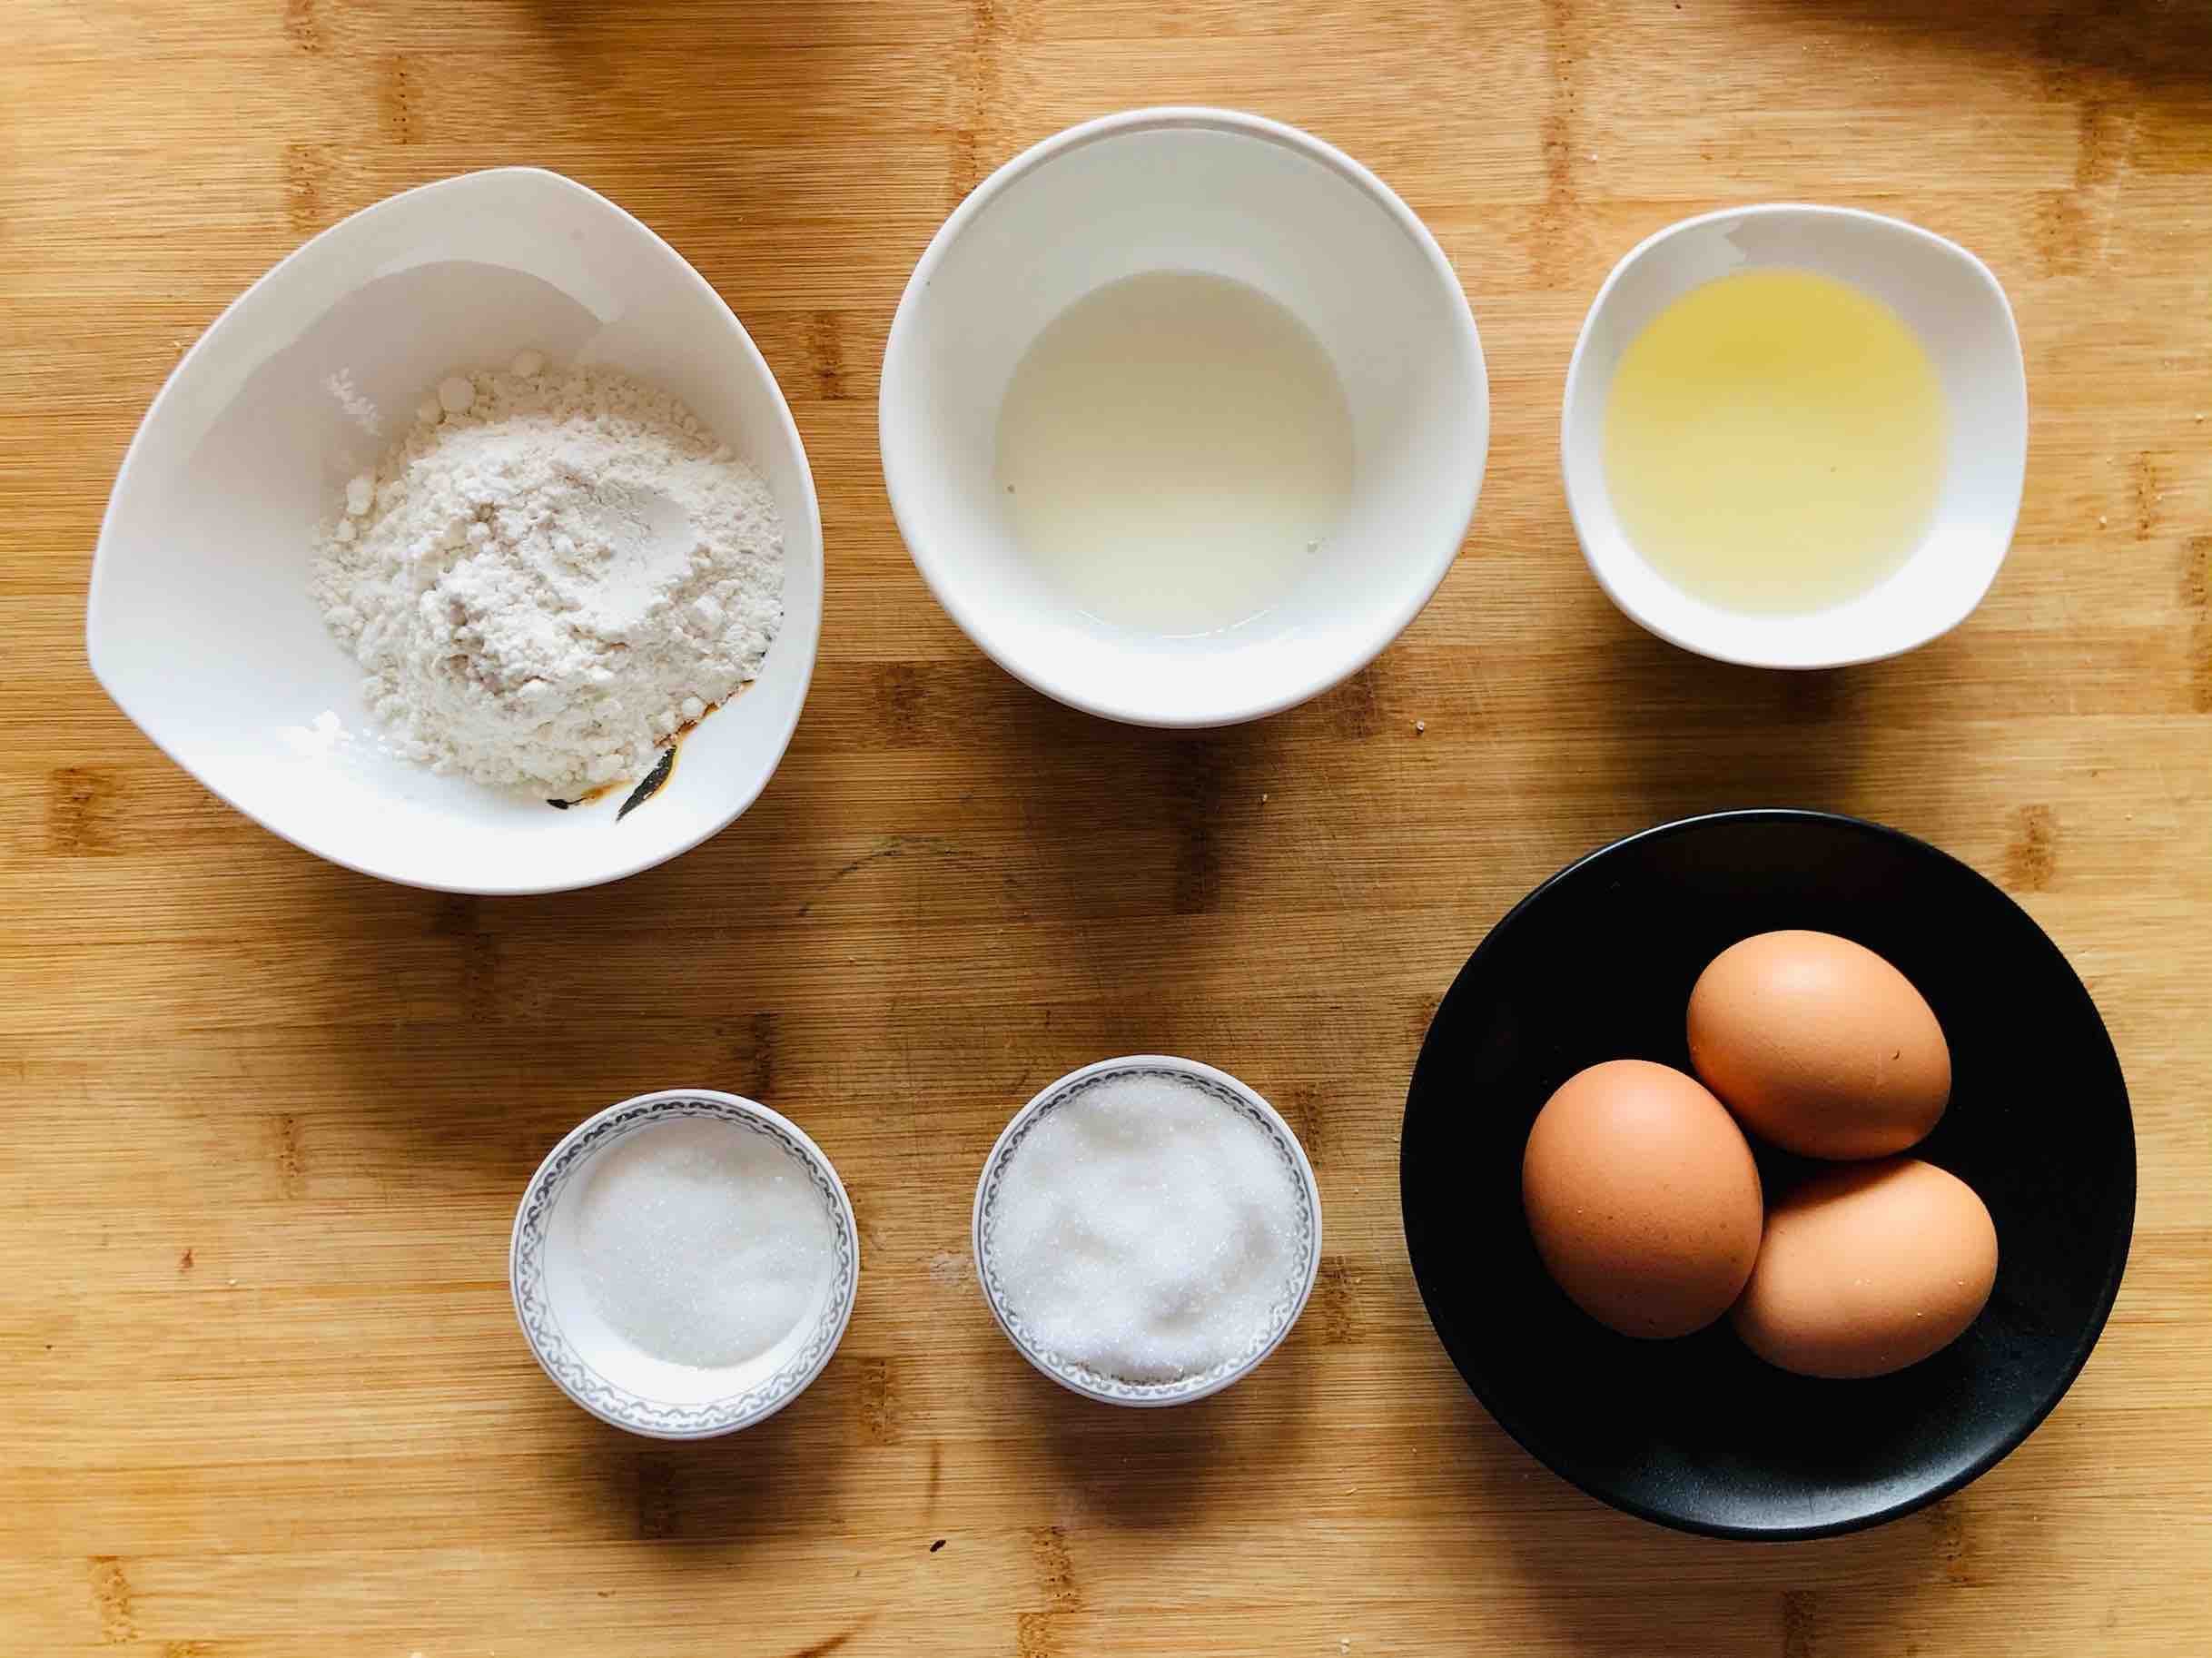 戚风蛋糕不用买,教你在家做,松软香甜不塌陷的步骤